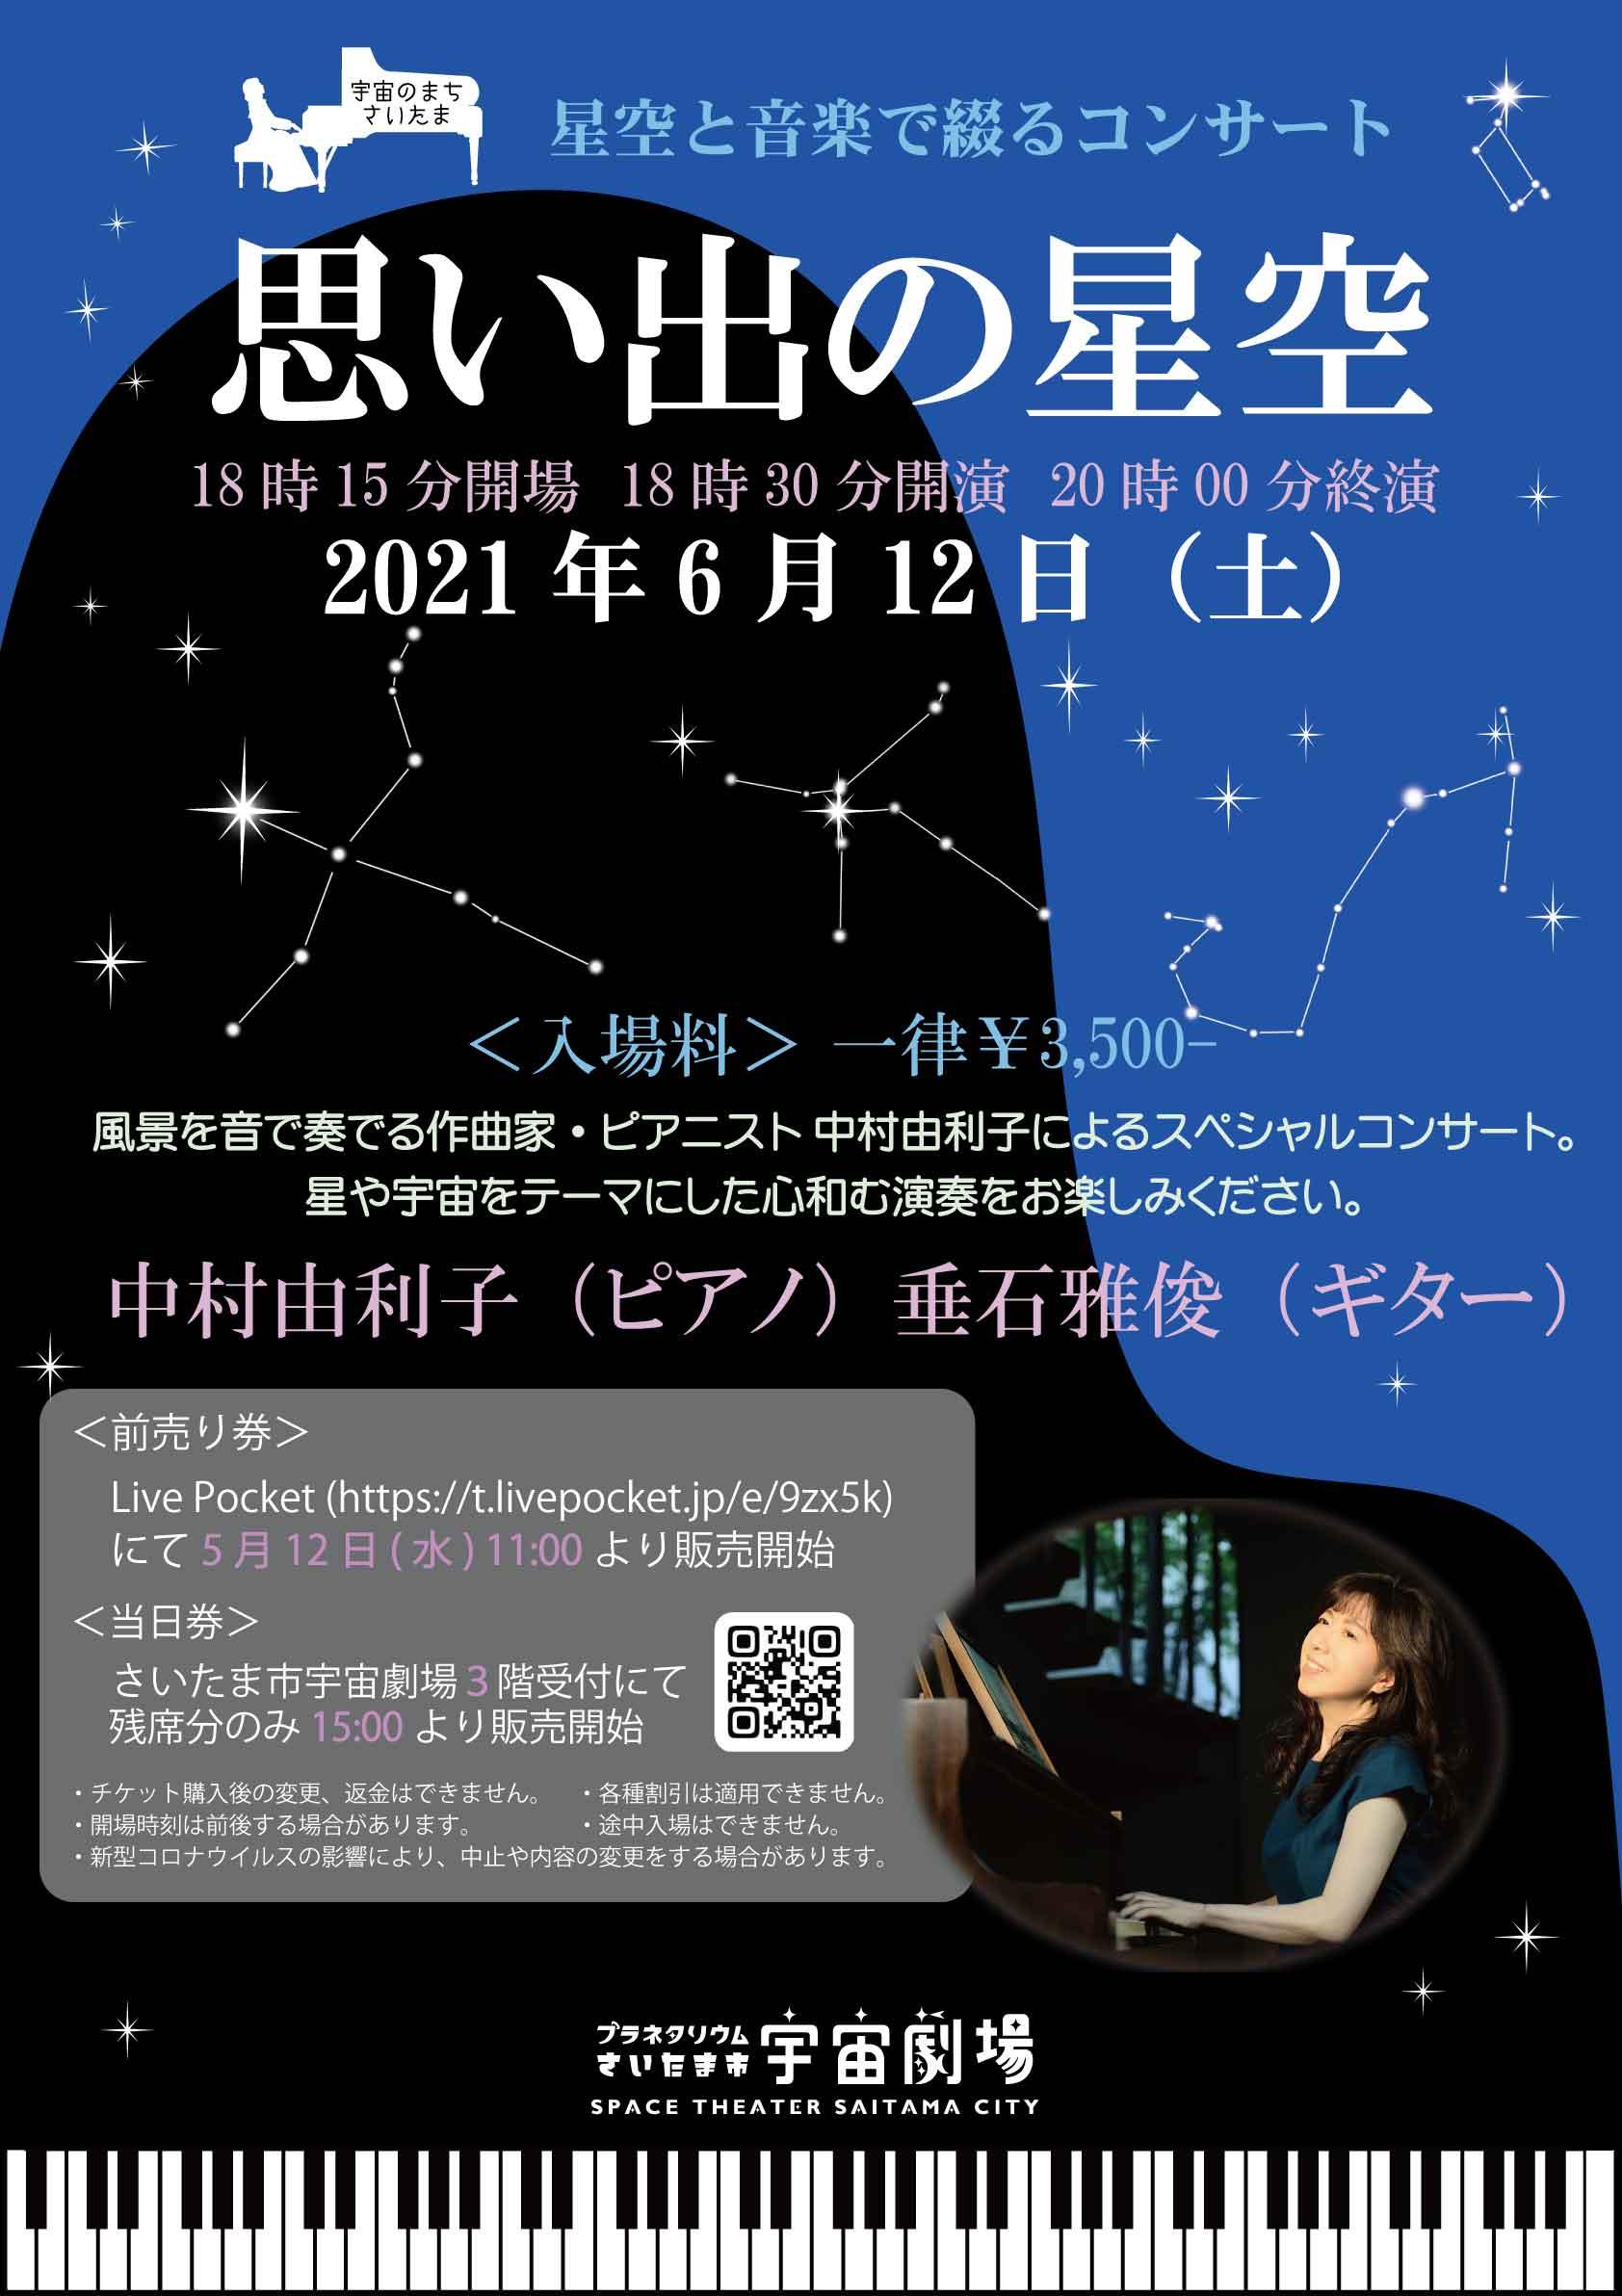 星空と音楽で綴るコンサート「思い出の星空」